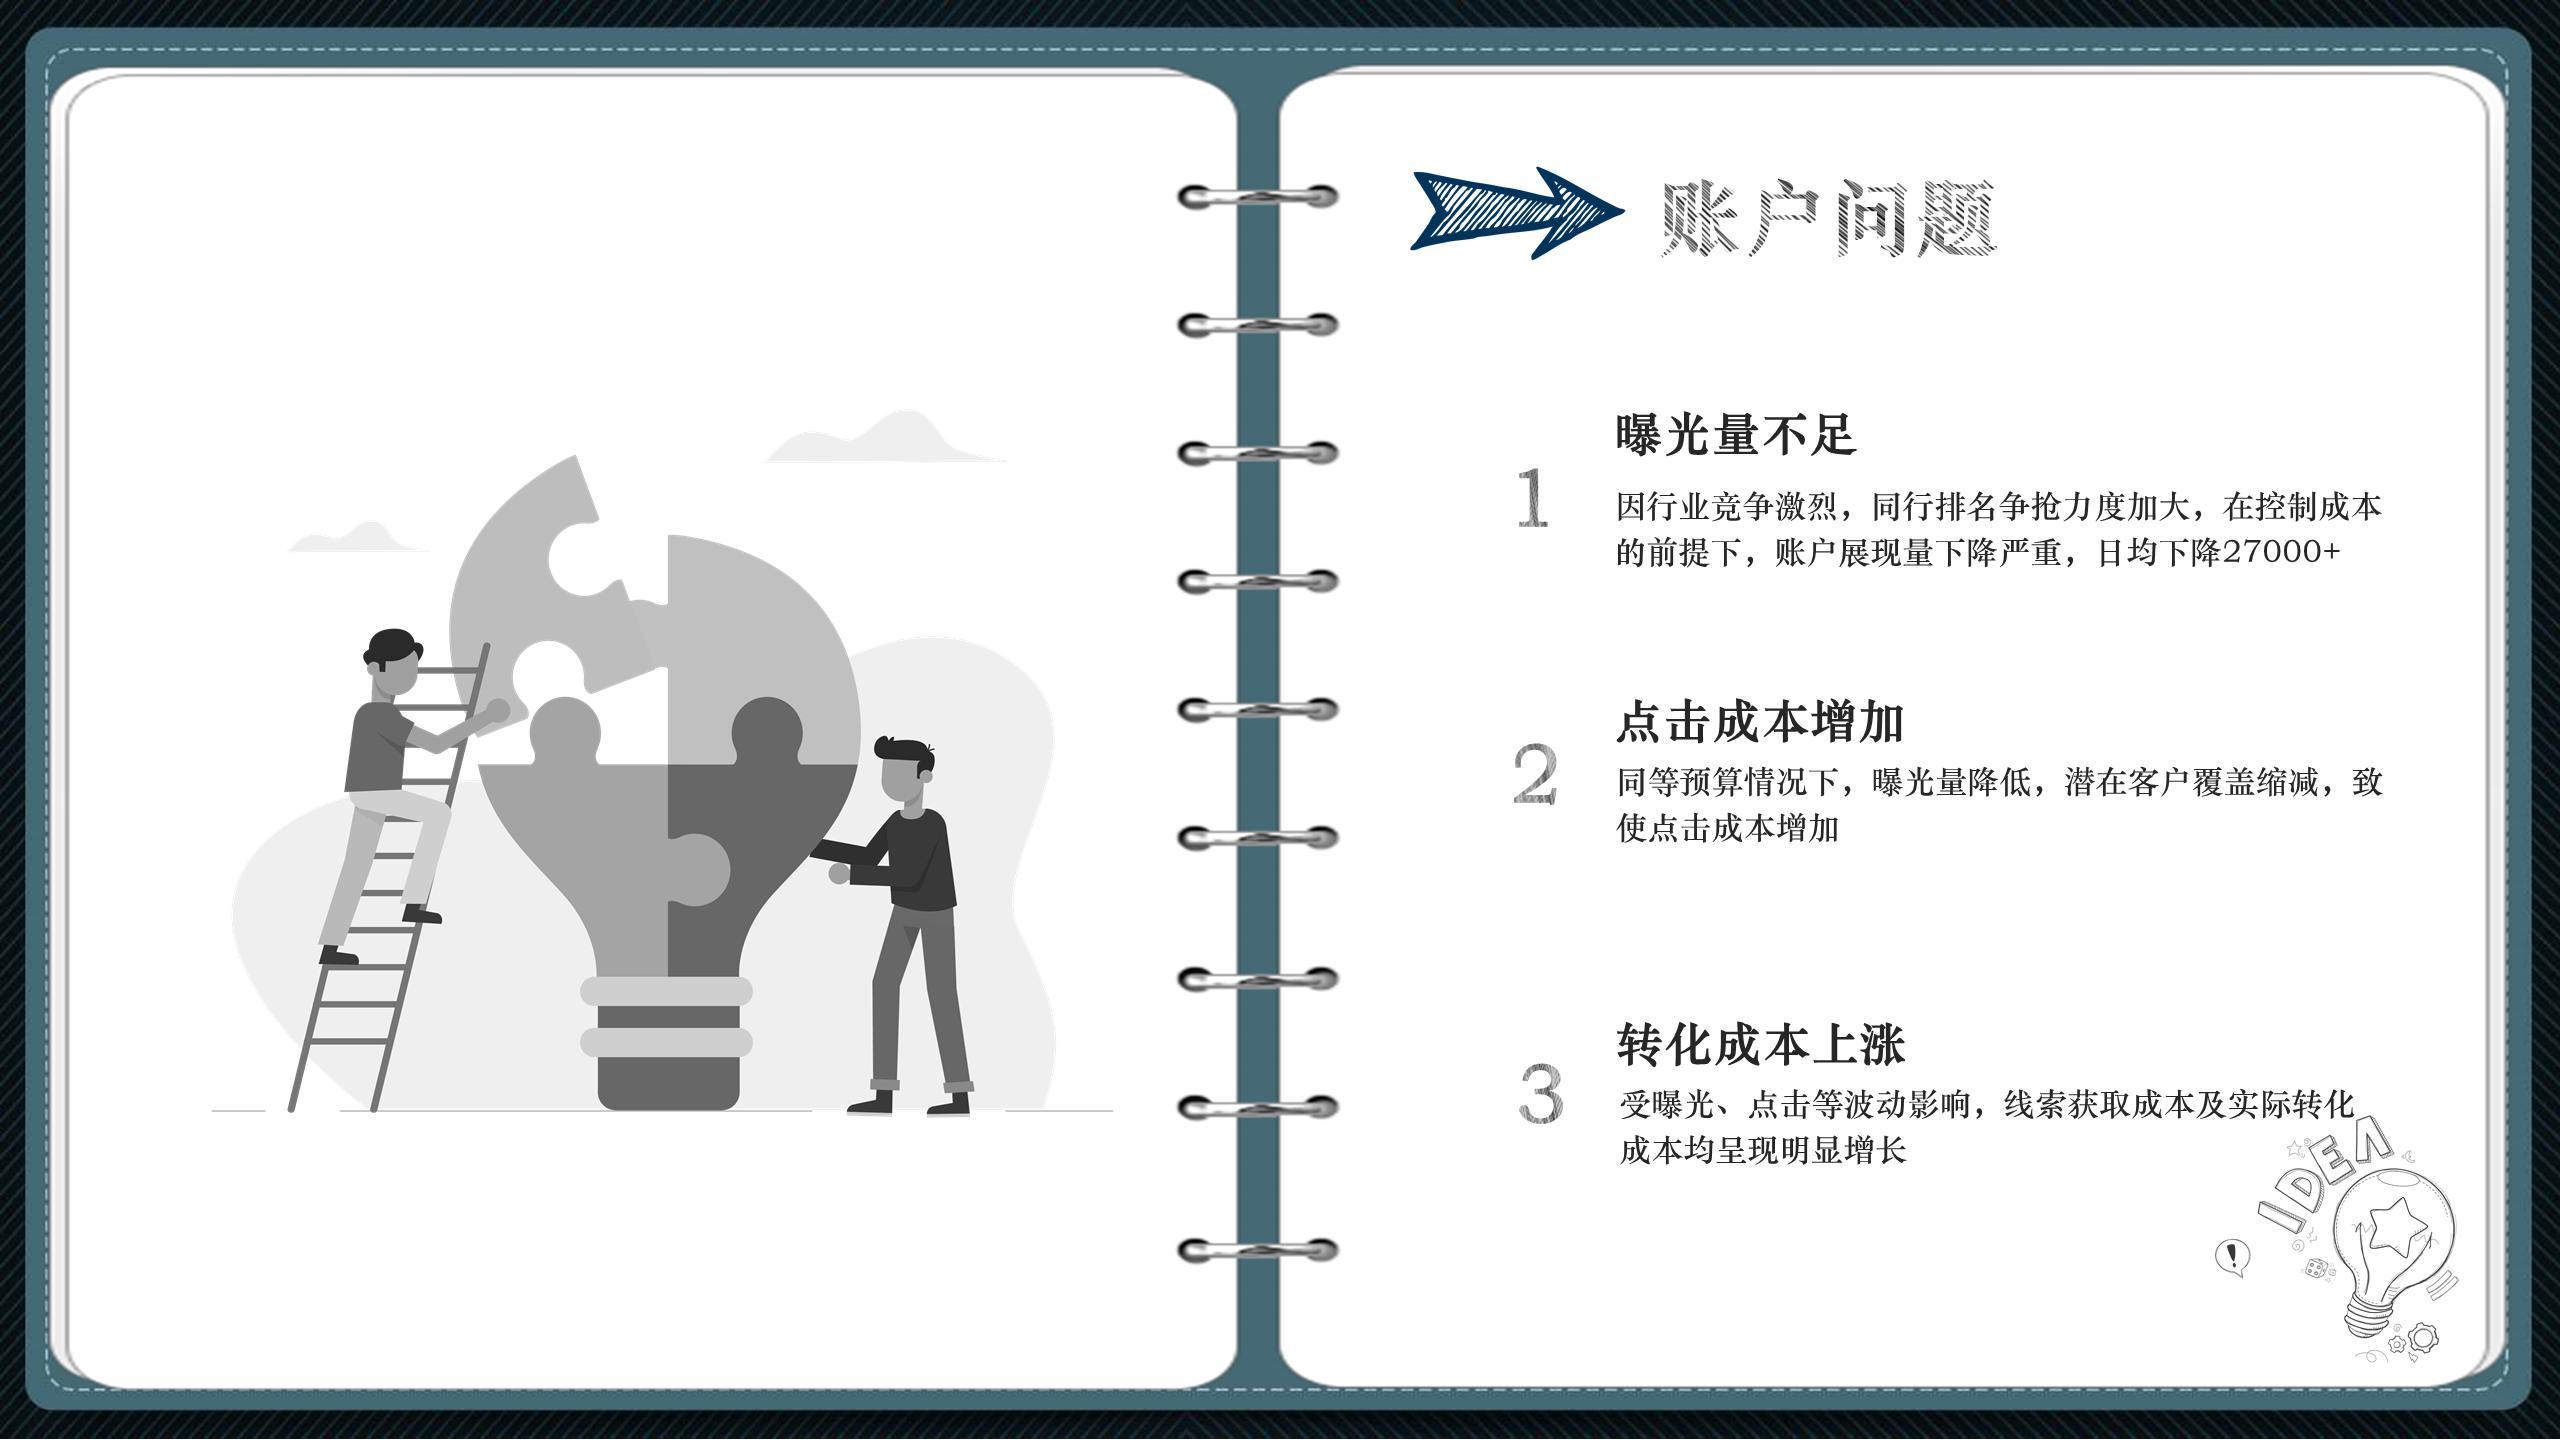 教育培训【直销】北分-世纪文都案例脱敏版_08.jpg